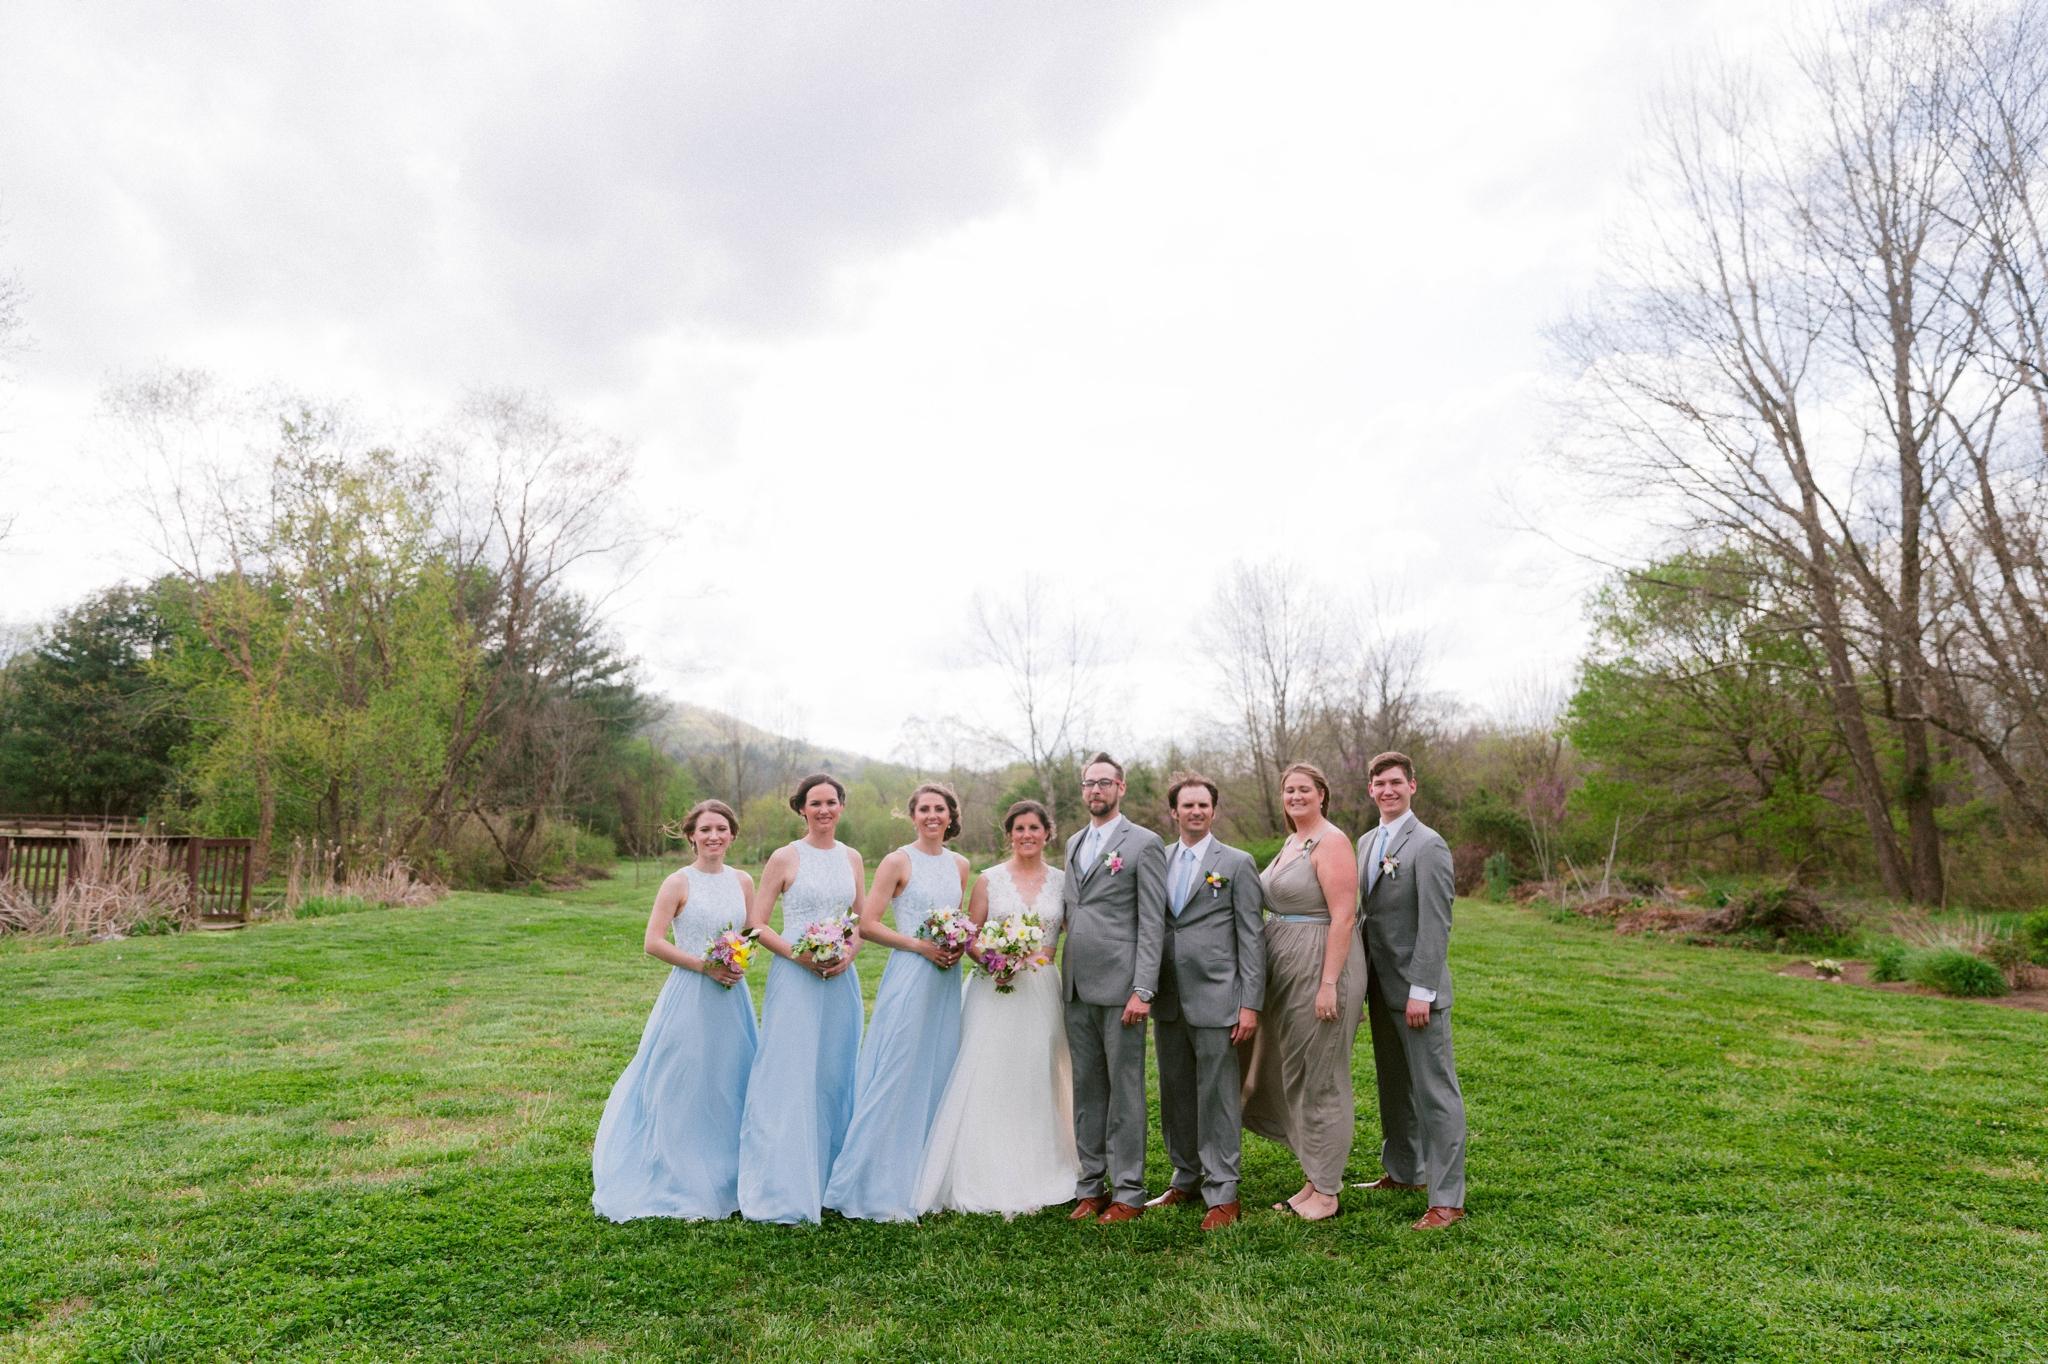 wedding party  portraits - Honolulu Oahu Hawaii Wedding Photographer